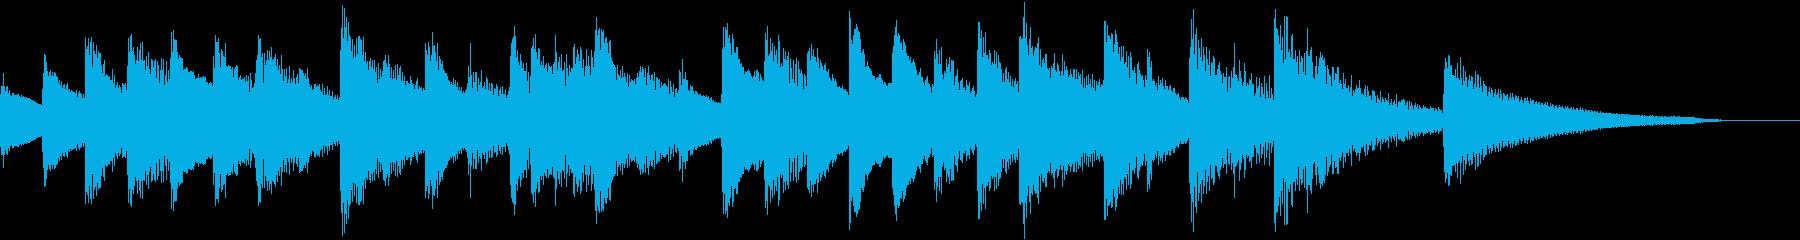 懐かしく淡いメロディのピアノジングルの再生済みの波形